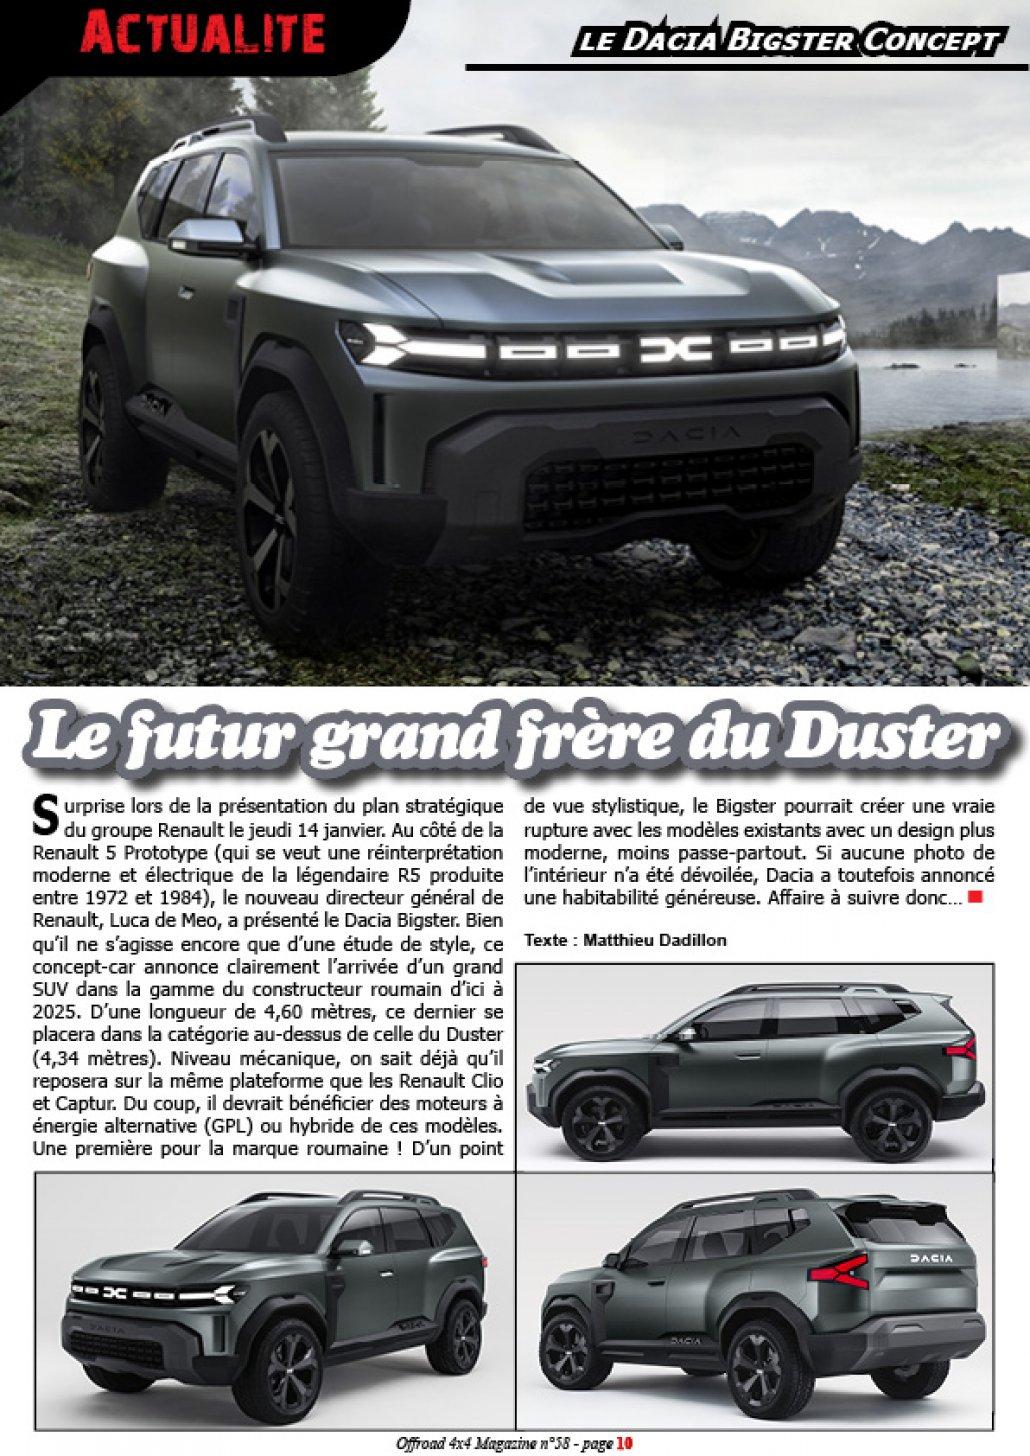 Le Dacia Bigster Concept